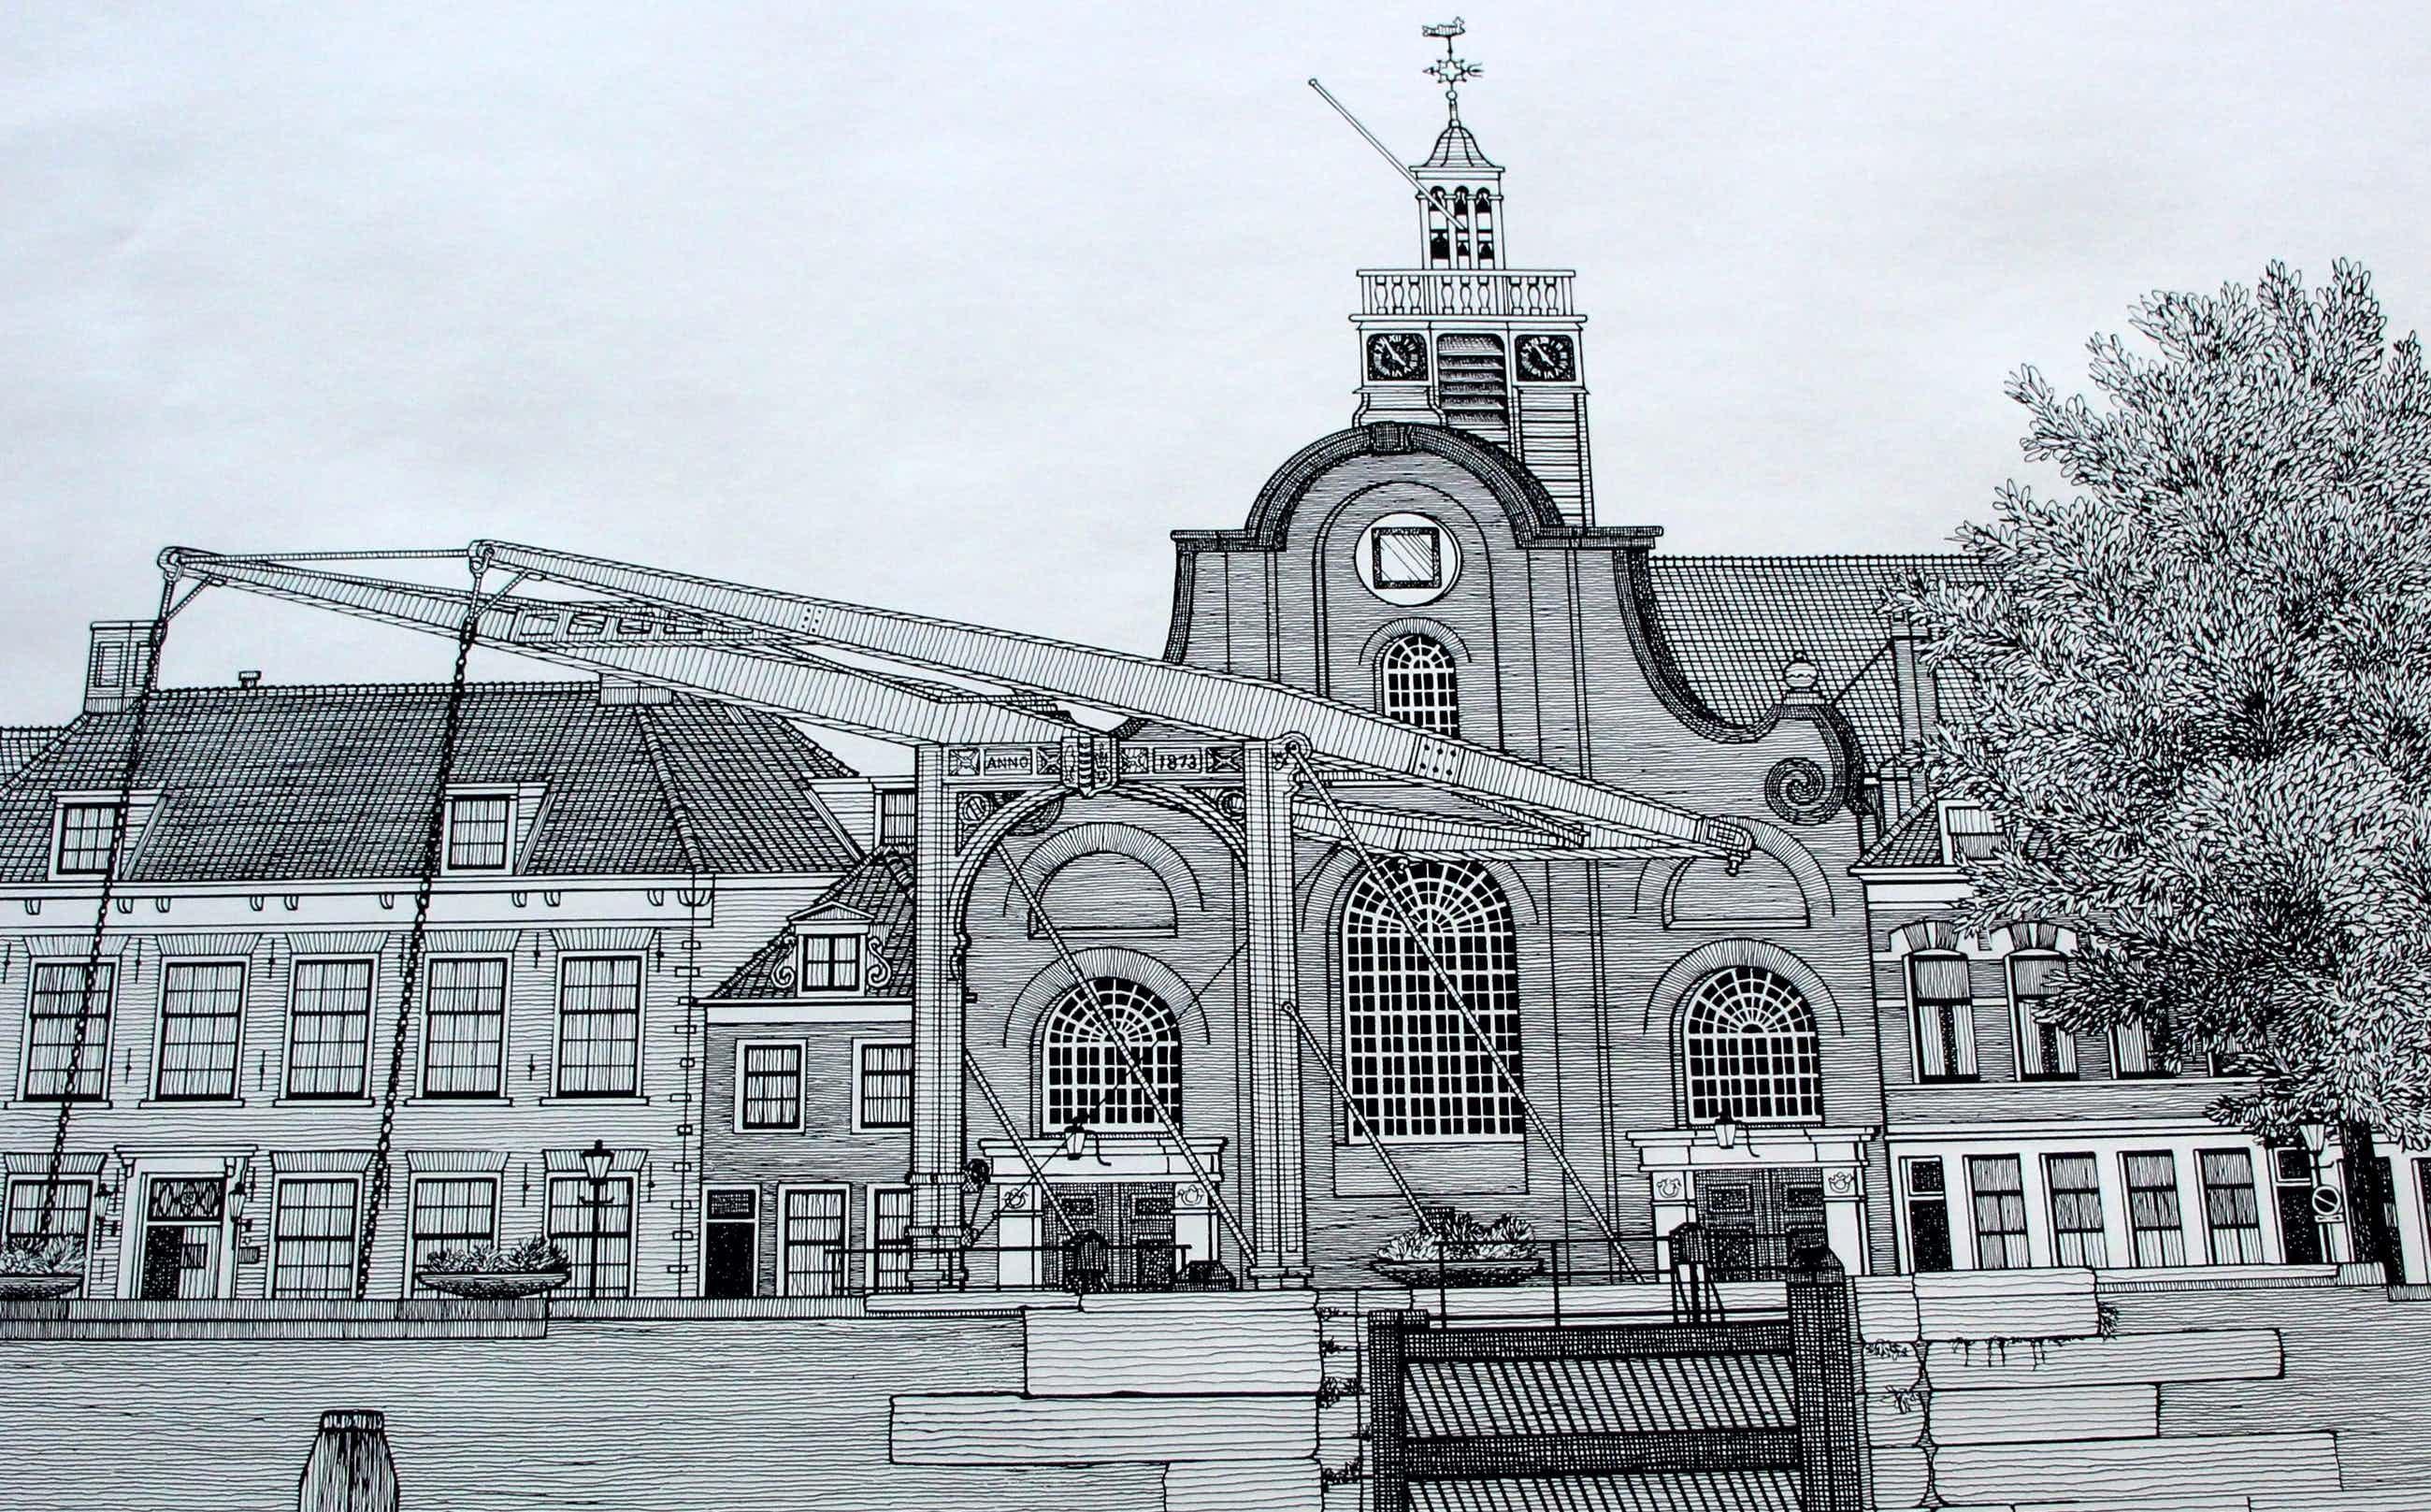 Sees Vlag - Zeefdruk: Rotterdam Delfshaven - 1979 kopen? Bied vanaf 99!